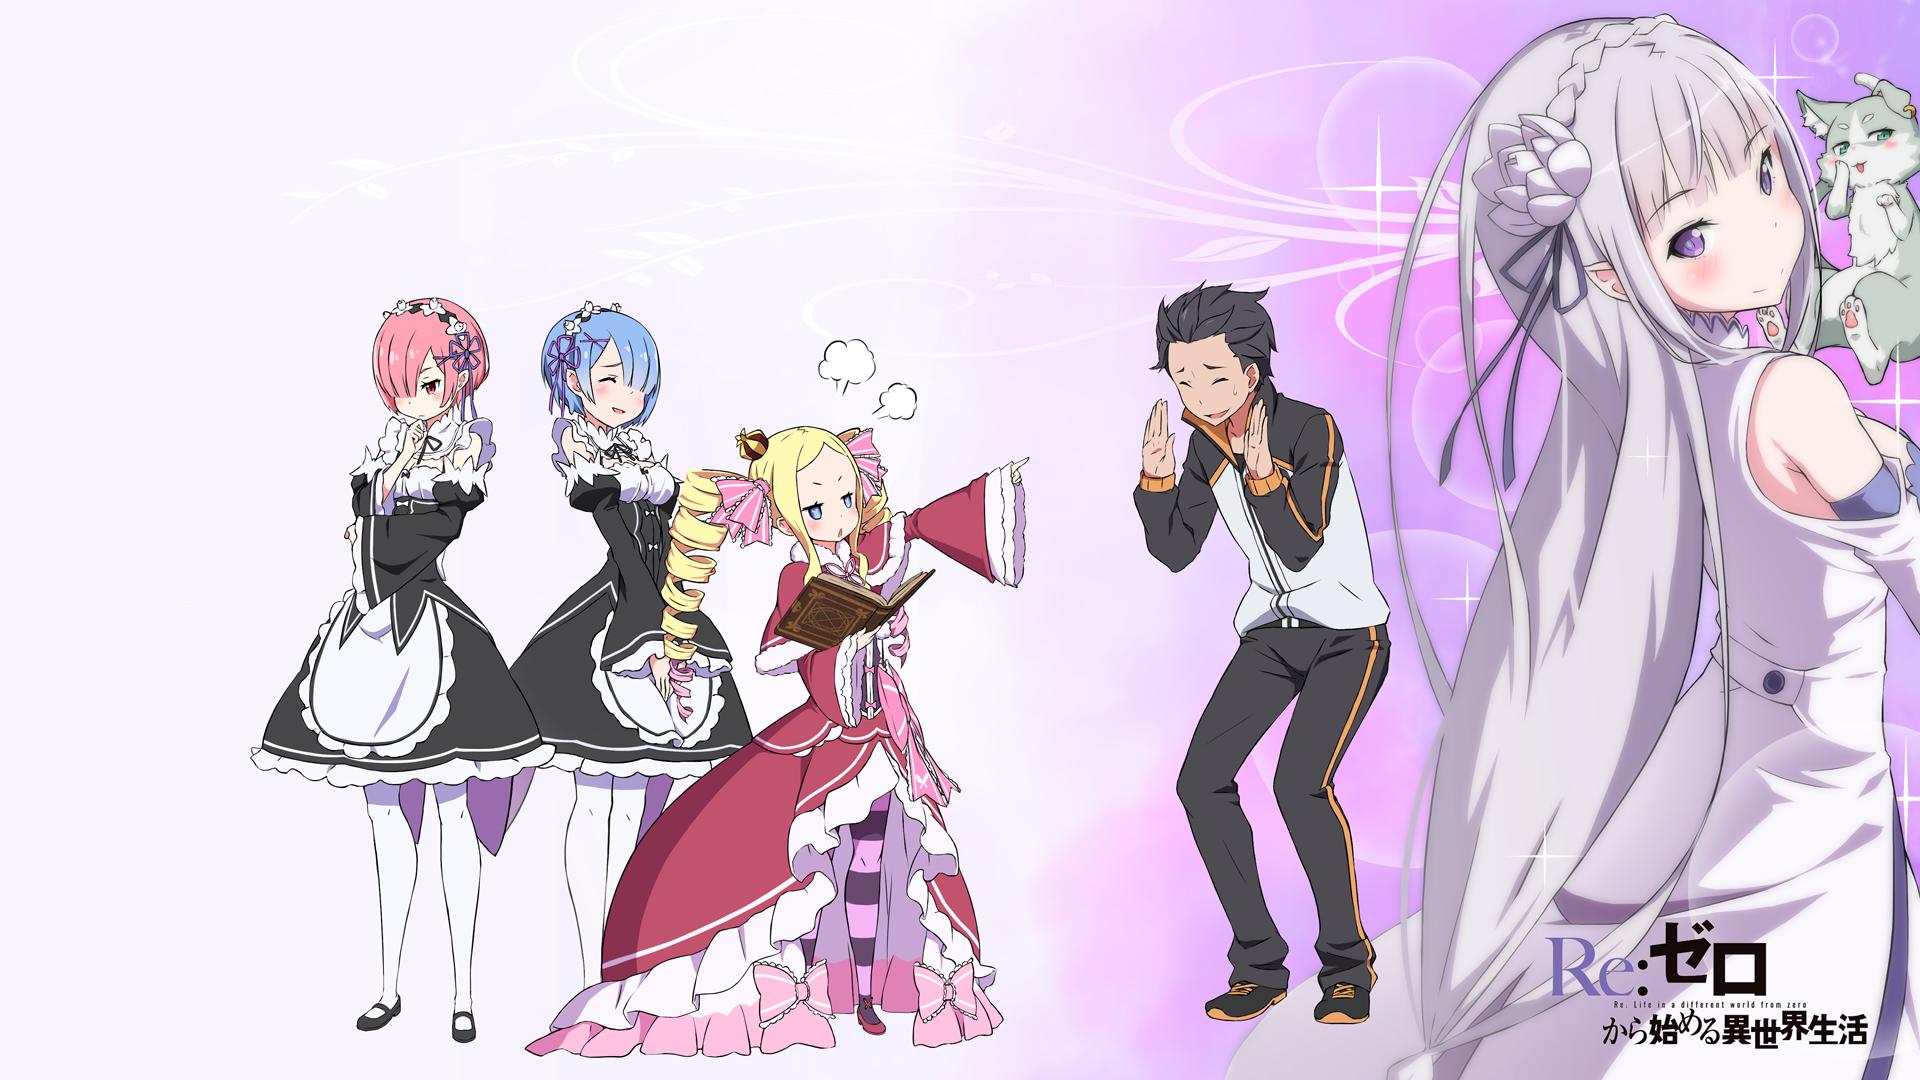 リゼロ デスクトップ Sando Pixiv Anime Anime Images Anime